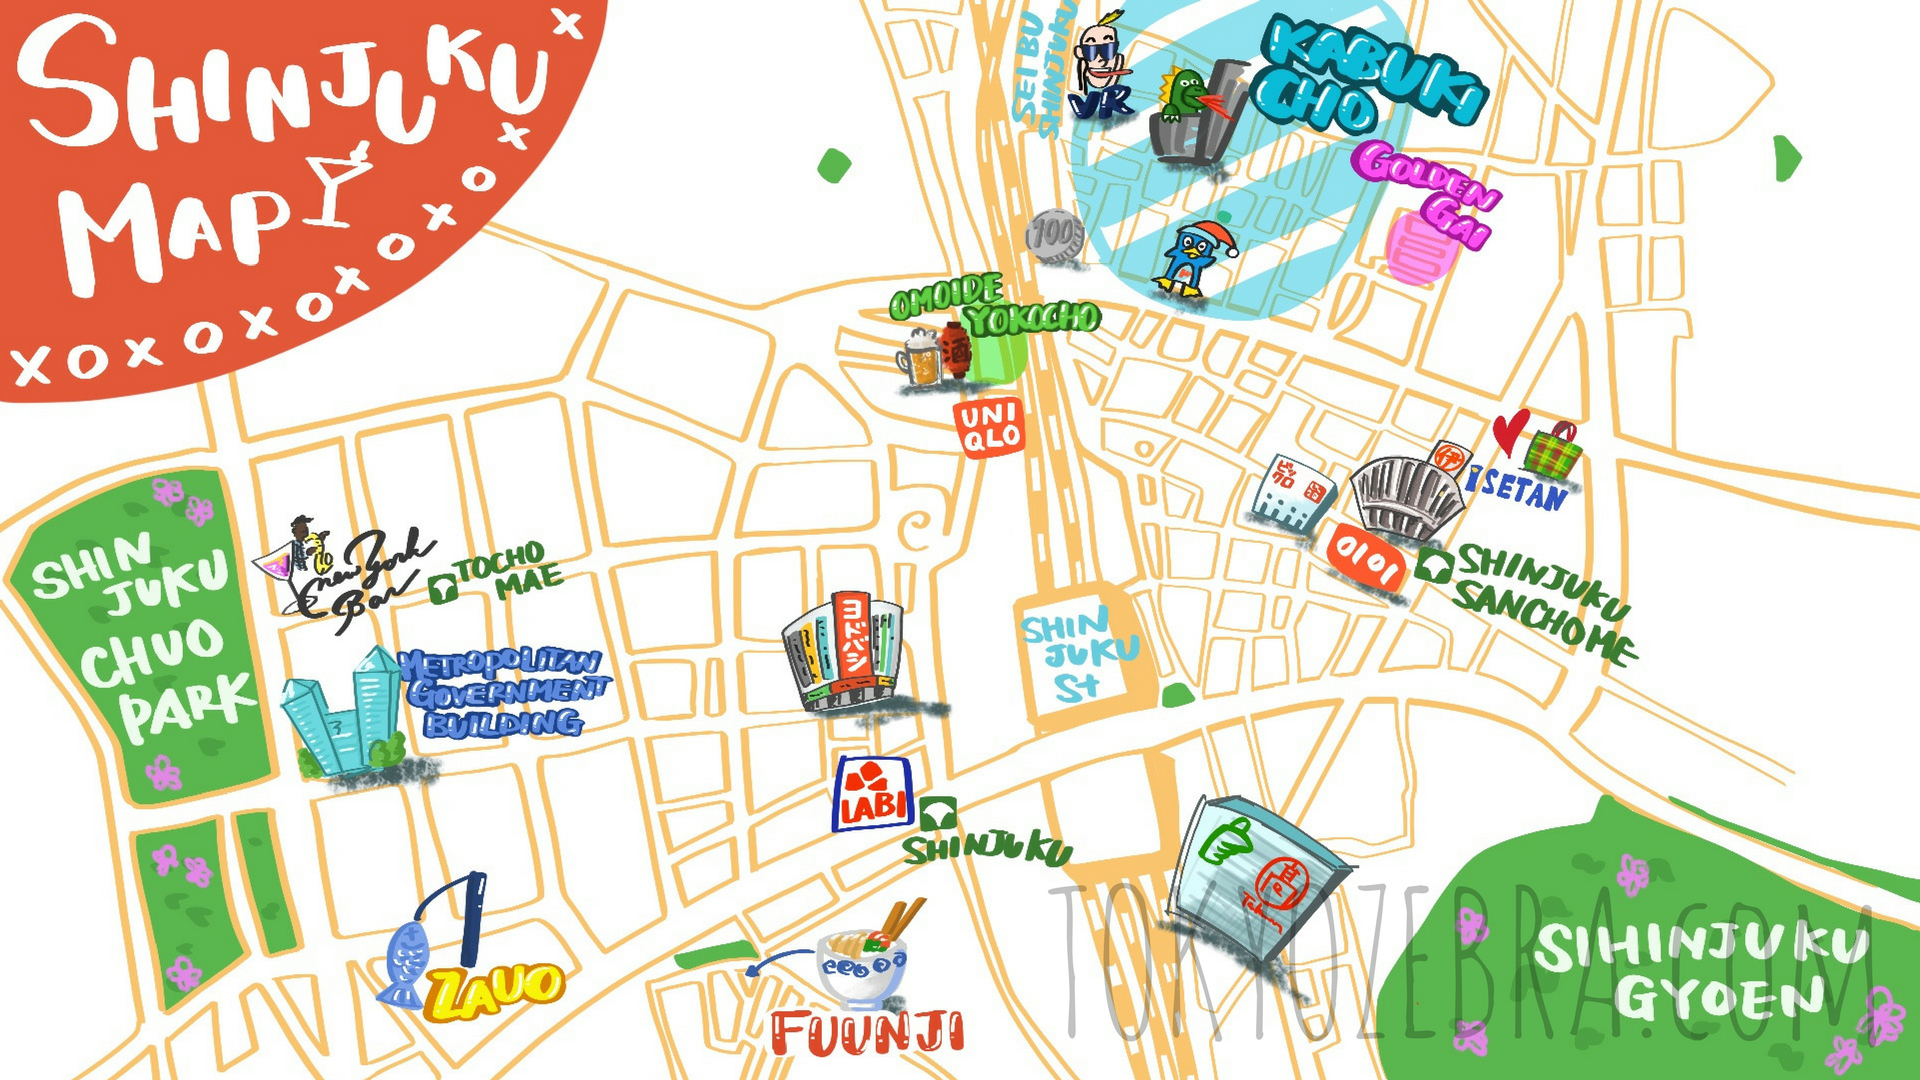 Shinjuku Destination Map